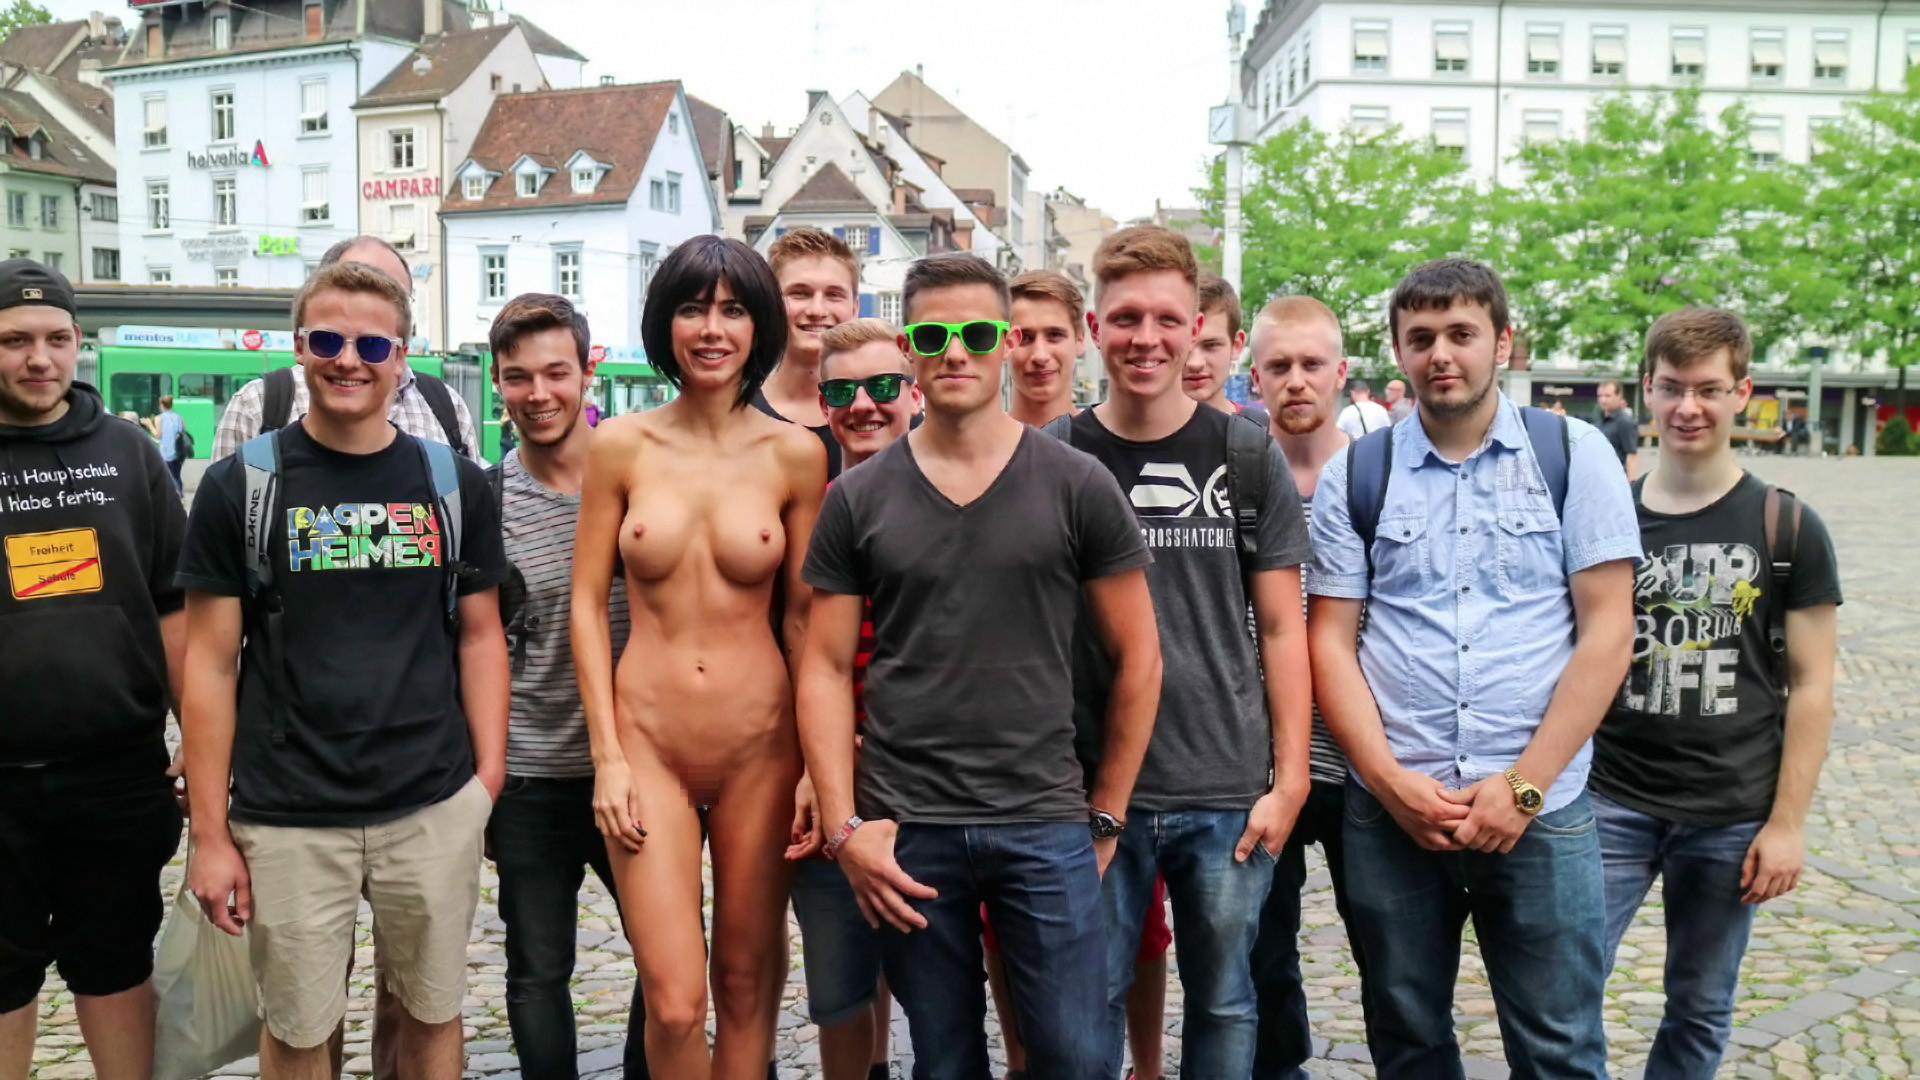 【露出狂】生乳とマンコをこどもにも触らせて逮捕されたヘンタイ女wwwwwwwww・11枚目